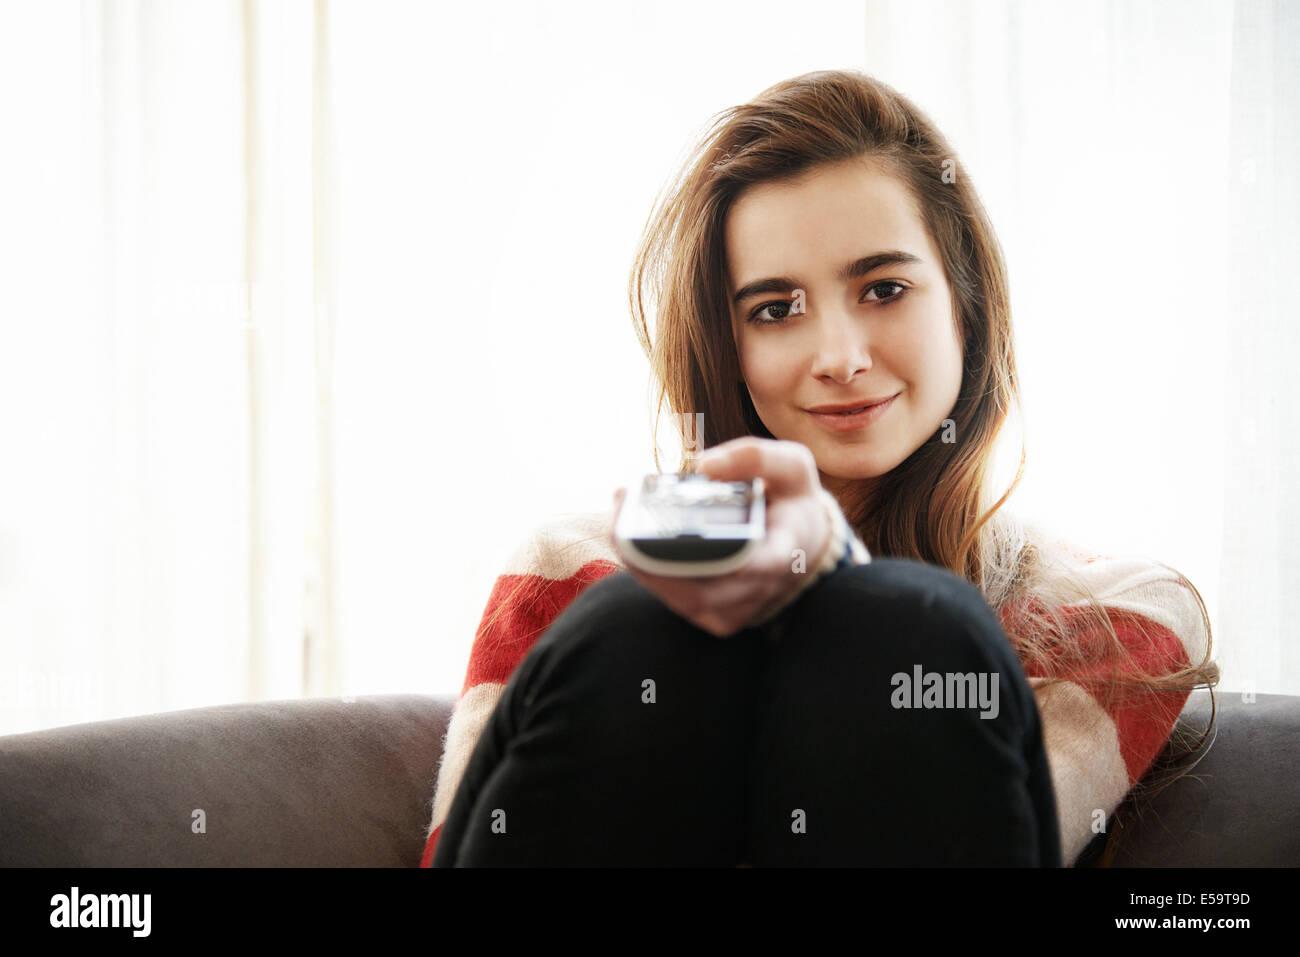 Adolescente viendo televisión en el sofá Imagen De Stock